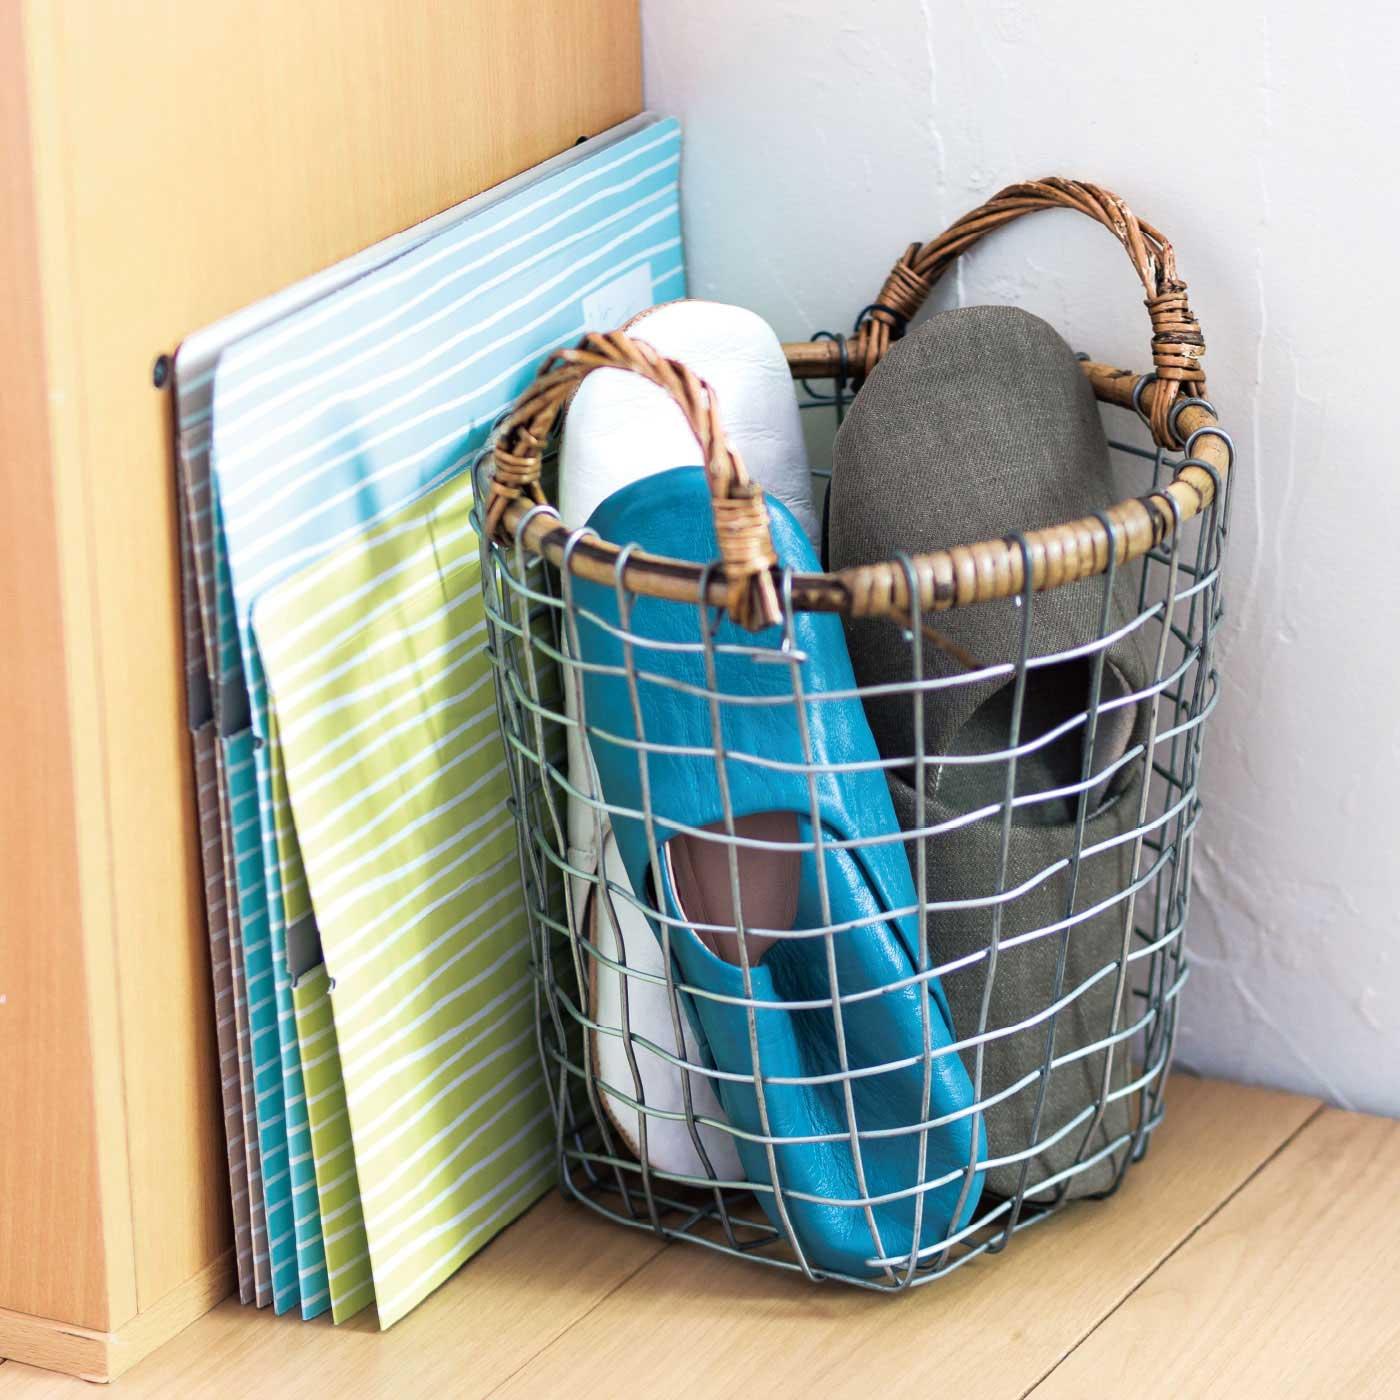 収納スペースは、1個につきわずか幅約1cm! ぺたんこにしてすき間にイン。